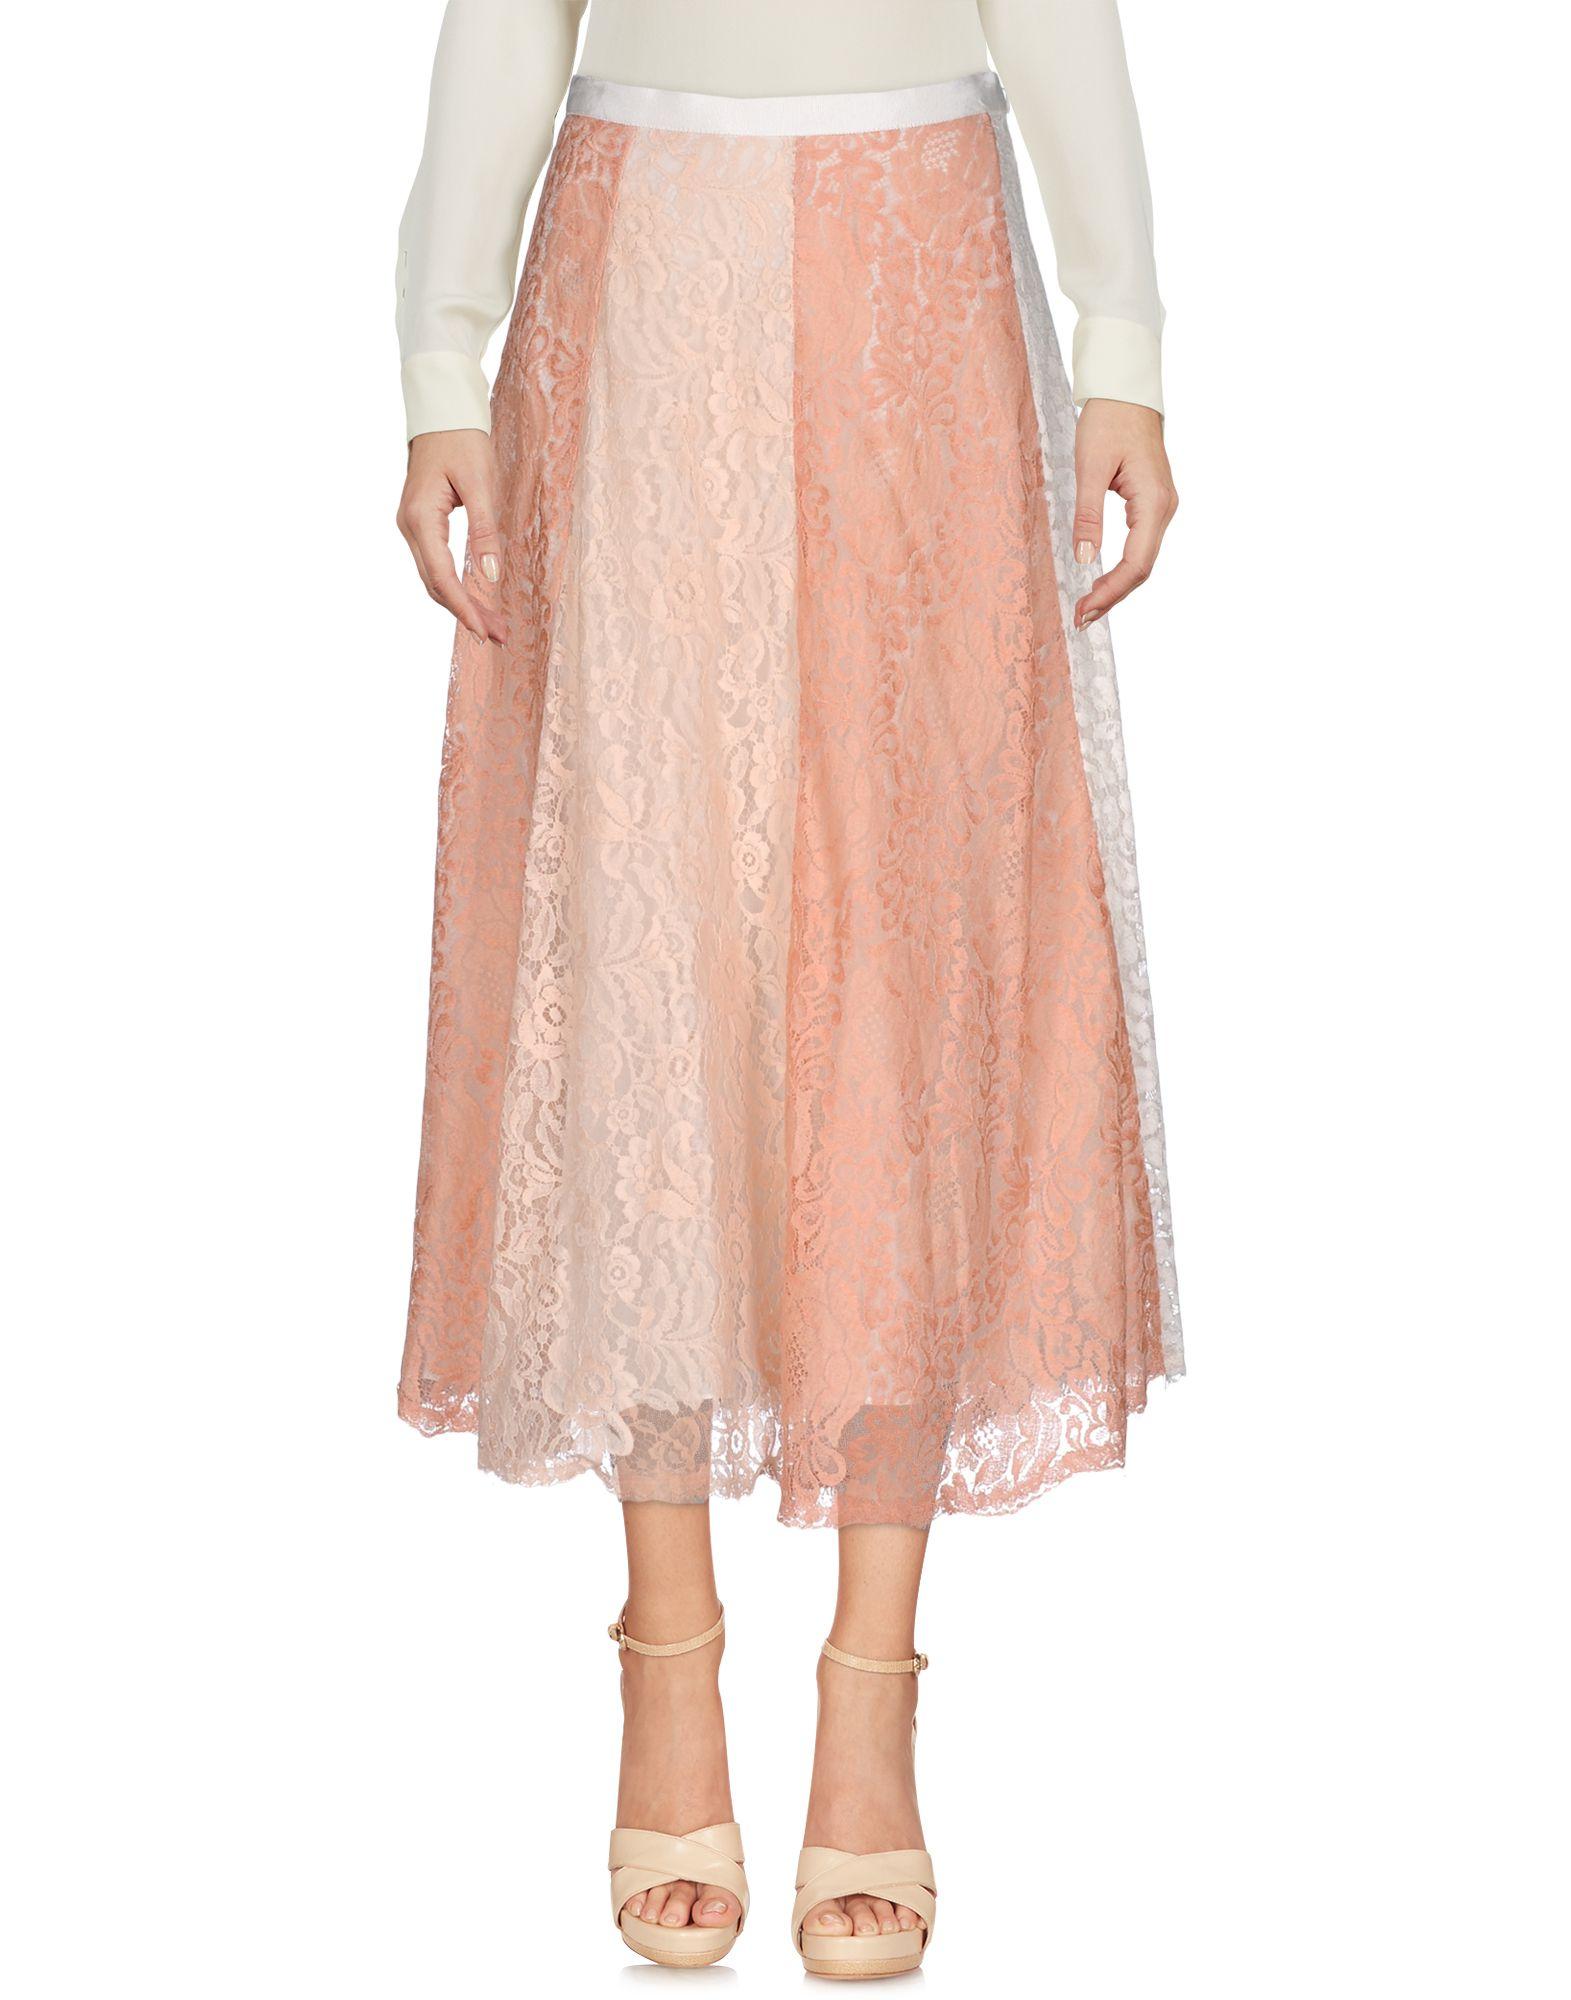 SOPHIA KAH 3/4 Length Skirts in Light Pink